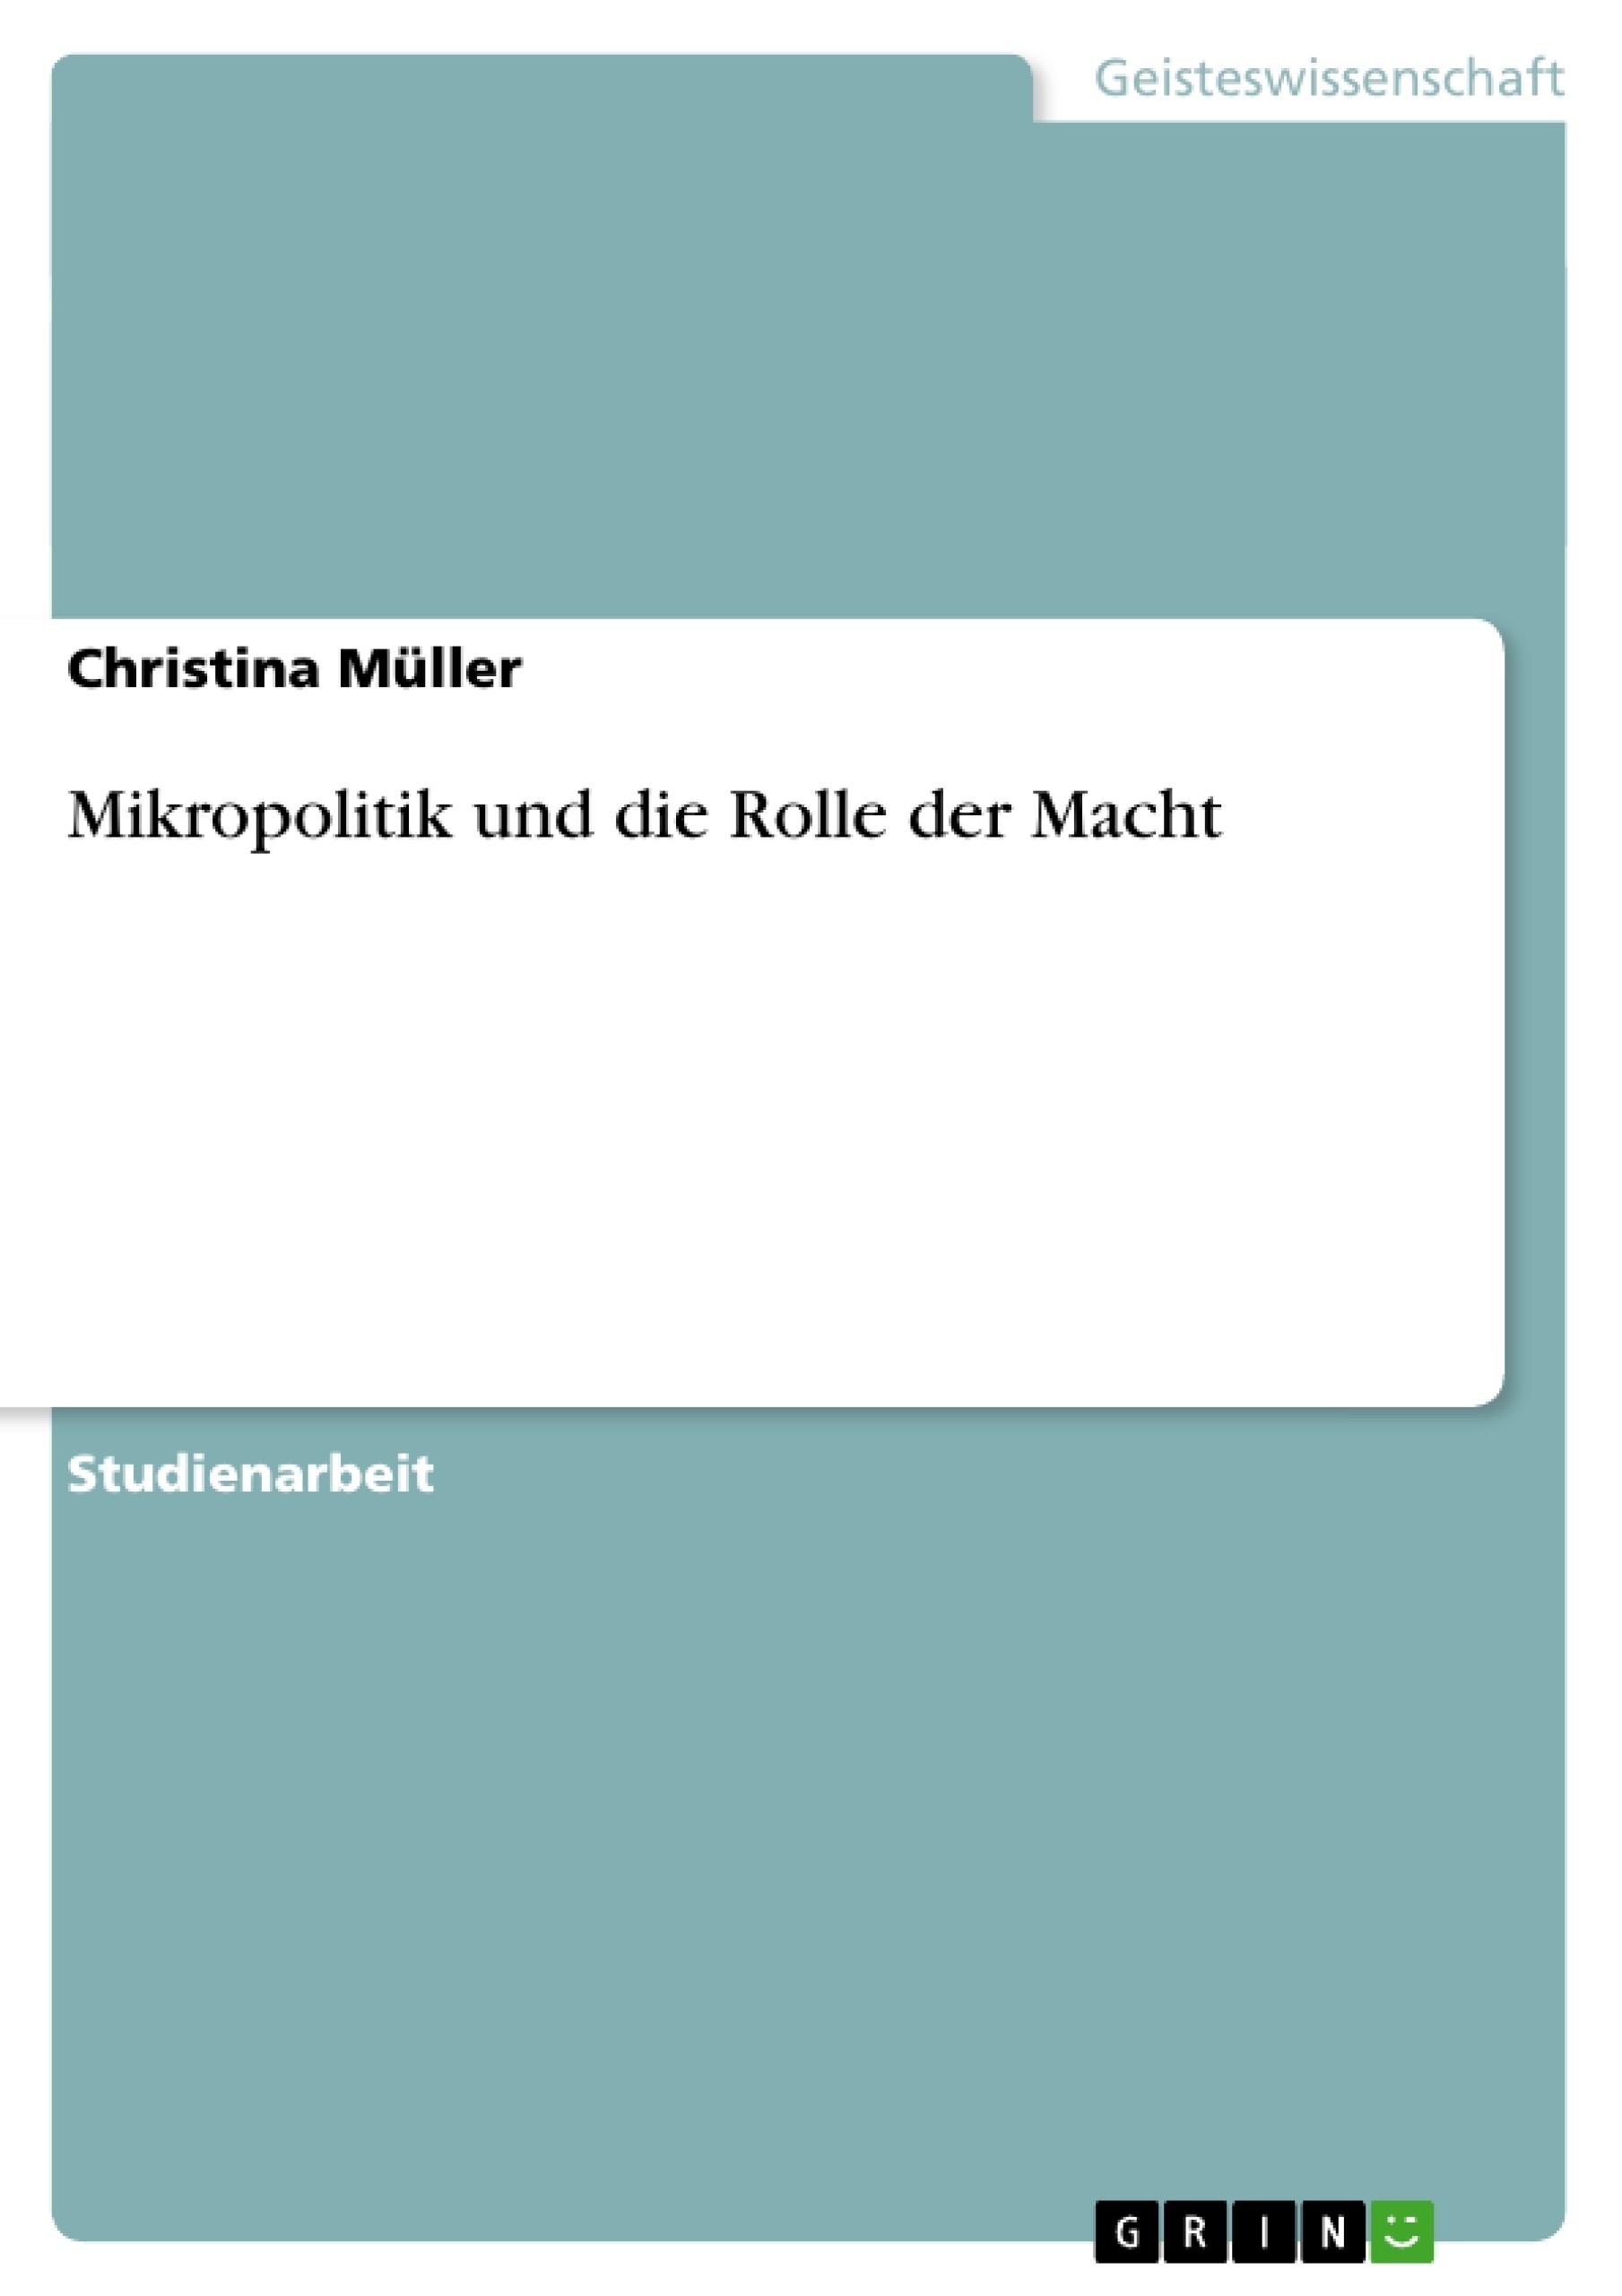 Titel: Mikropolitik und die Rolle der Macht